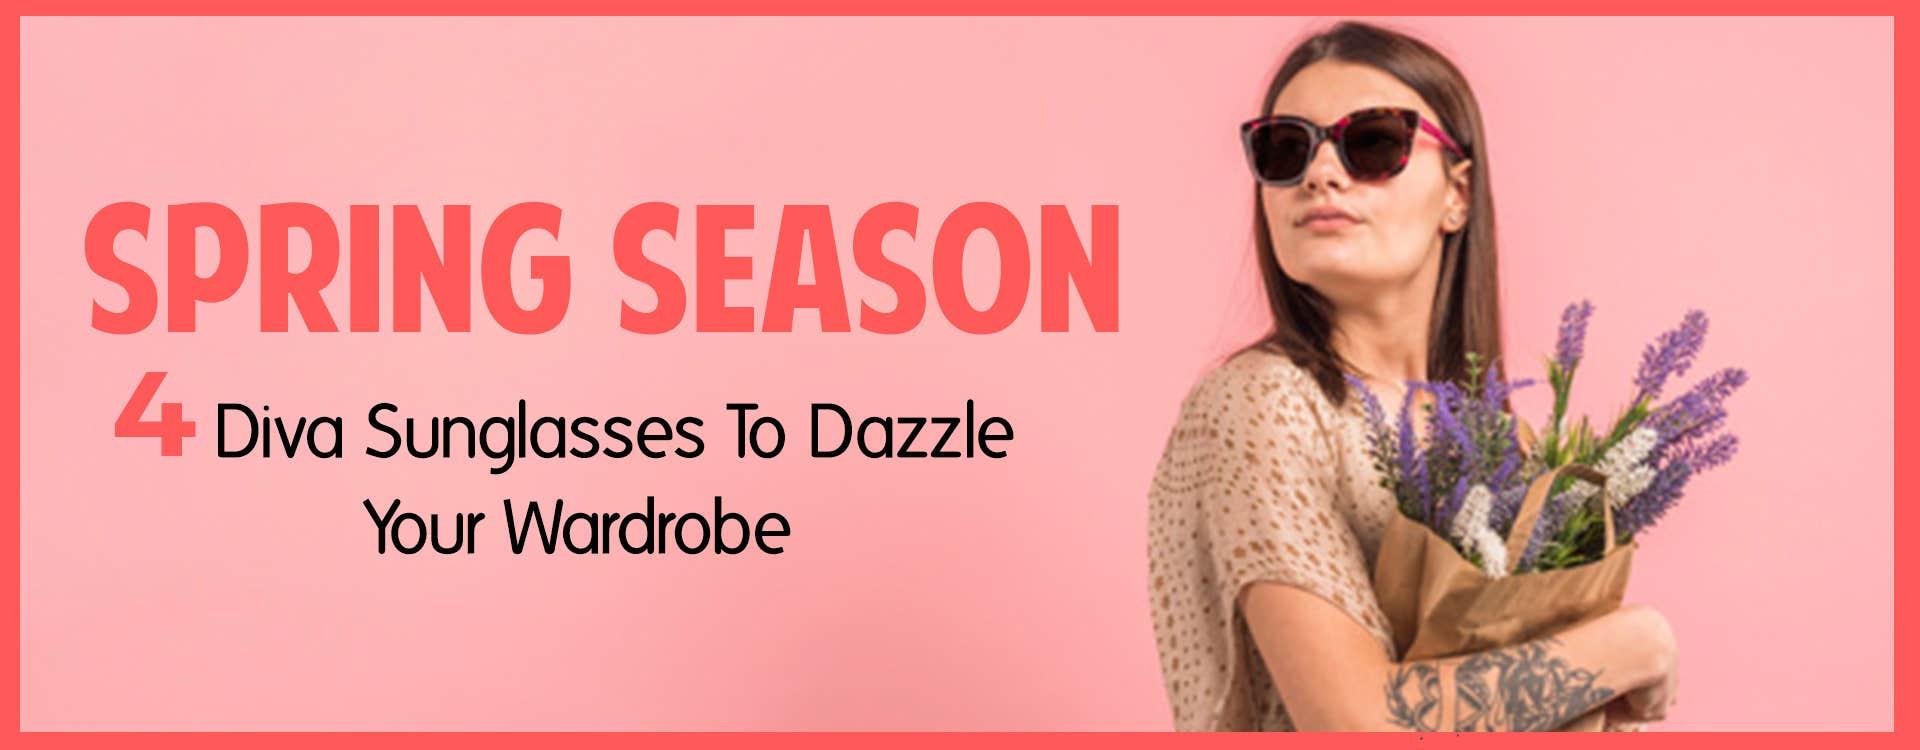 Spring Season: 4 Diva Sunglasses To Dazzle Your Wardrobe